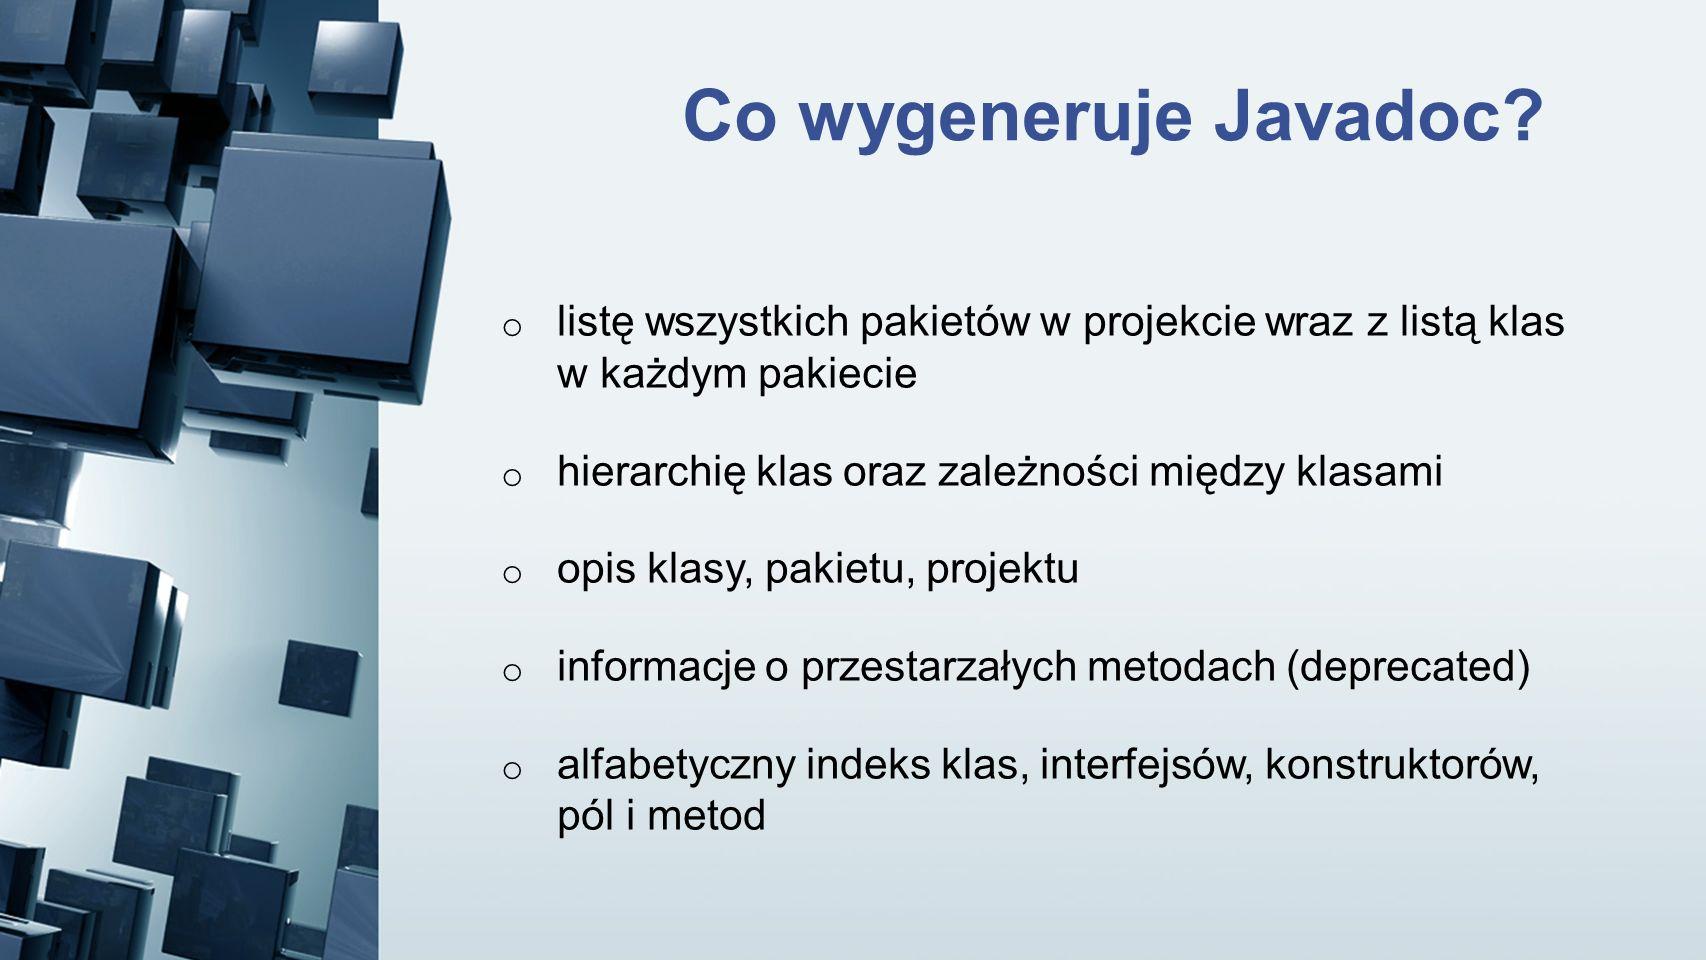 Co wygeneruje Javadoc? o listę wszystkich pakietów w projekcie wraz z listą klas w każdym pakiecie o hierarchię klas oraz zależności między klasami o